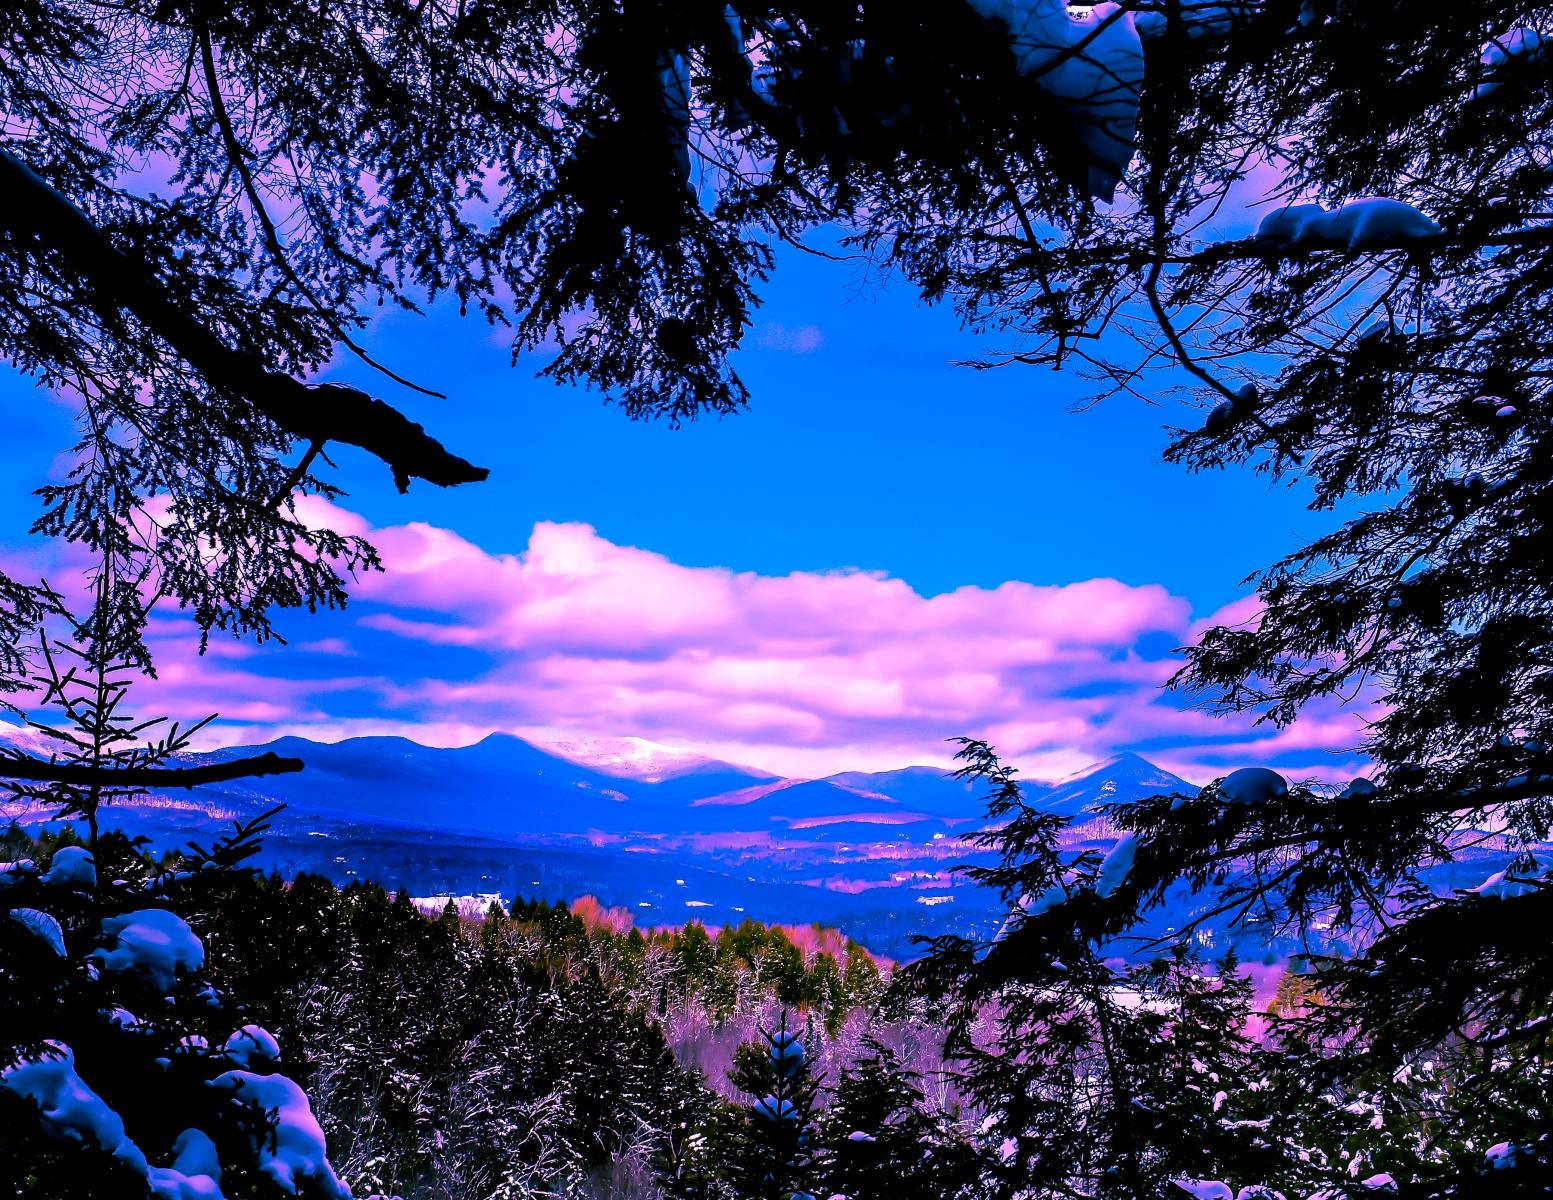 Stowe Peak